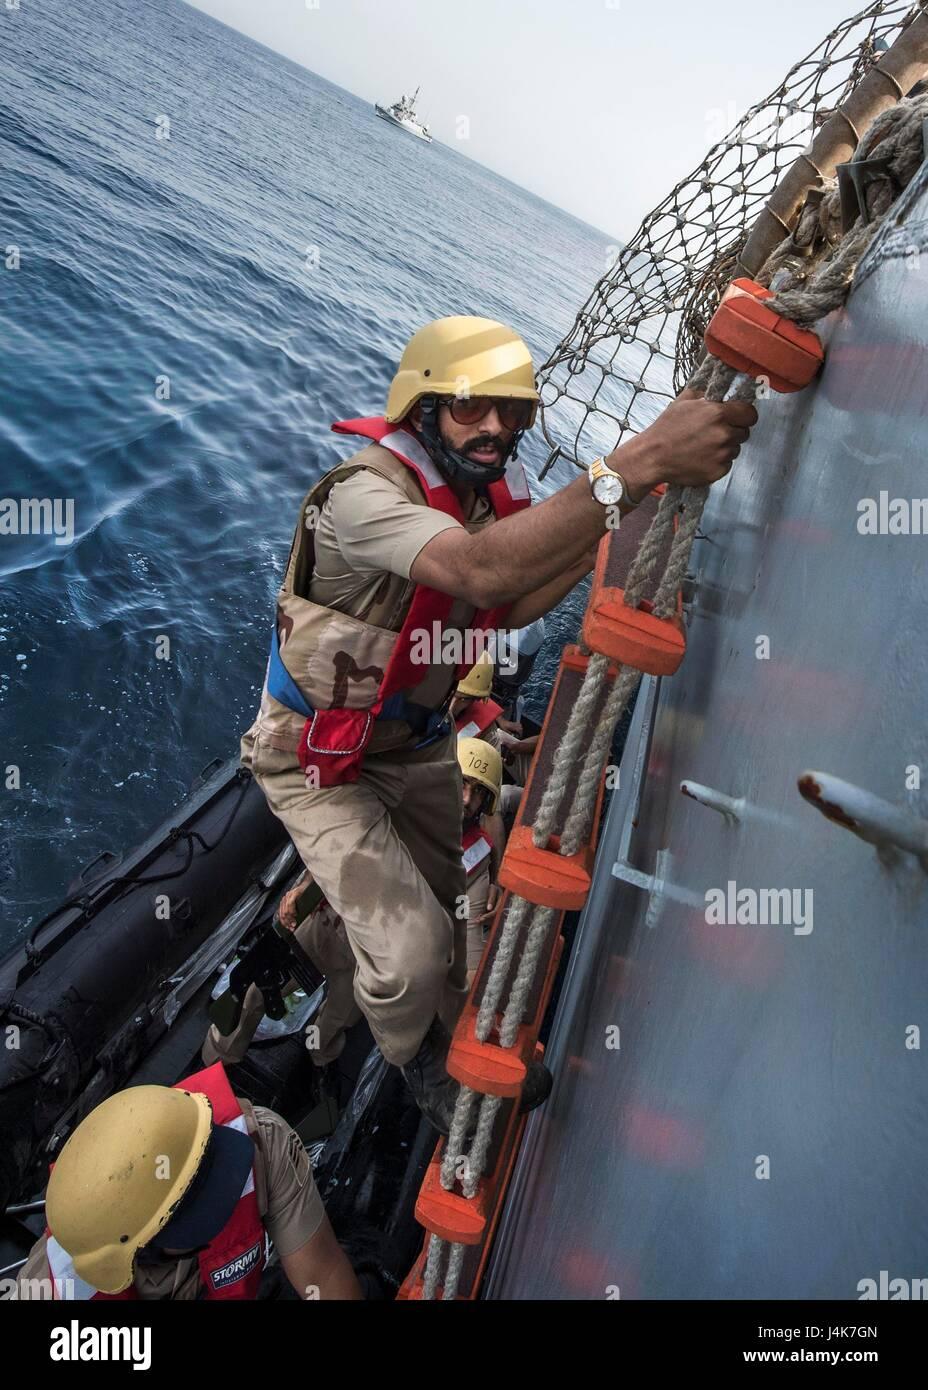 ARABIAN GULF (May 3, 2017) Royal Saudi Navy Sailors board USS Mahan (DDG 72) during visit, board, search and seizure - Stock Image